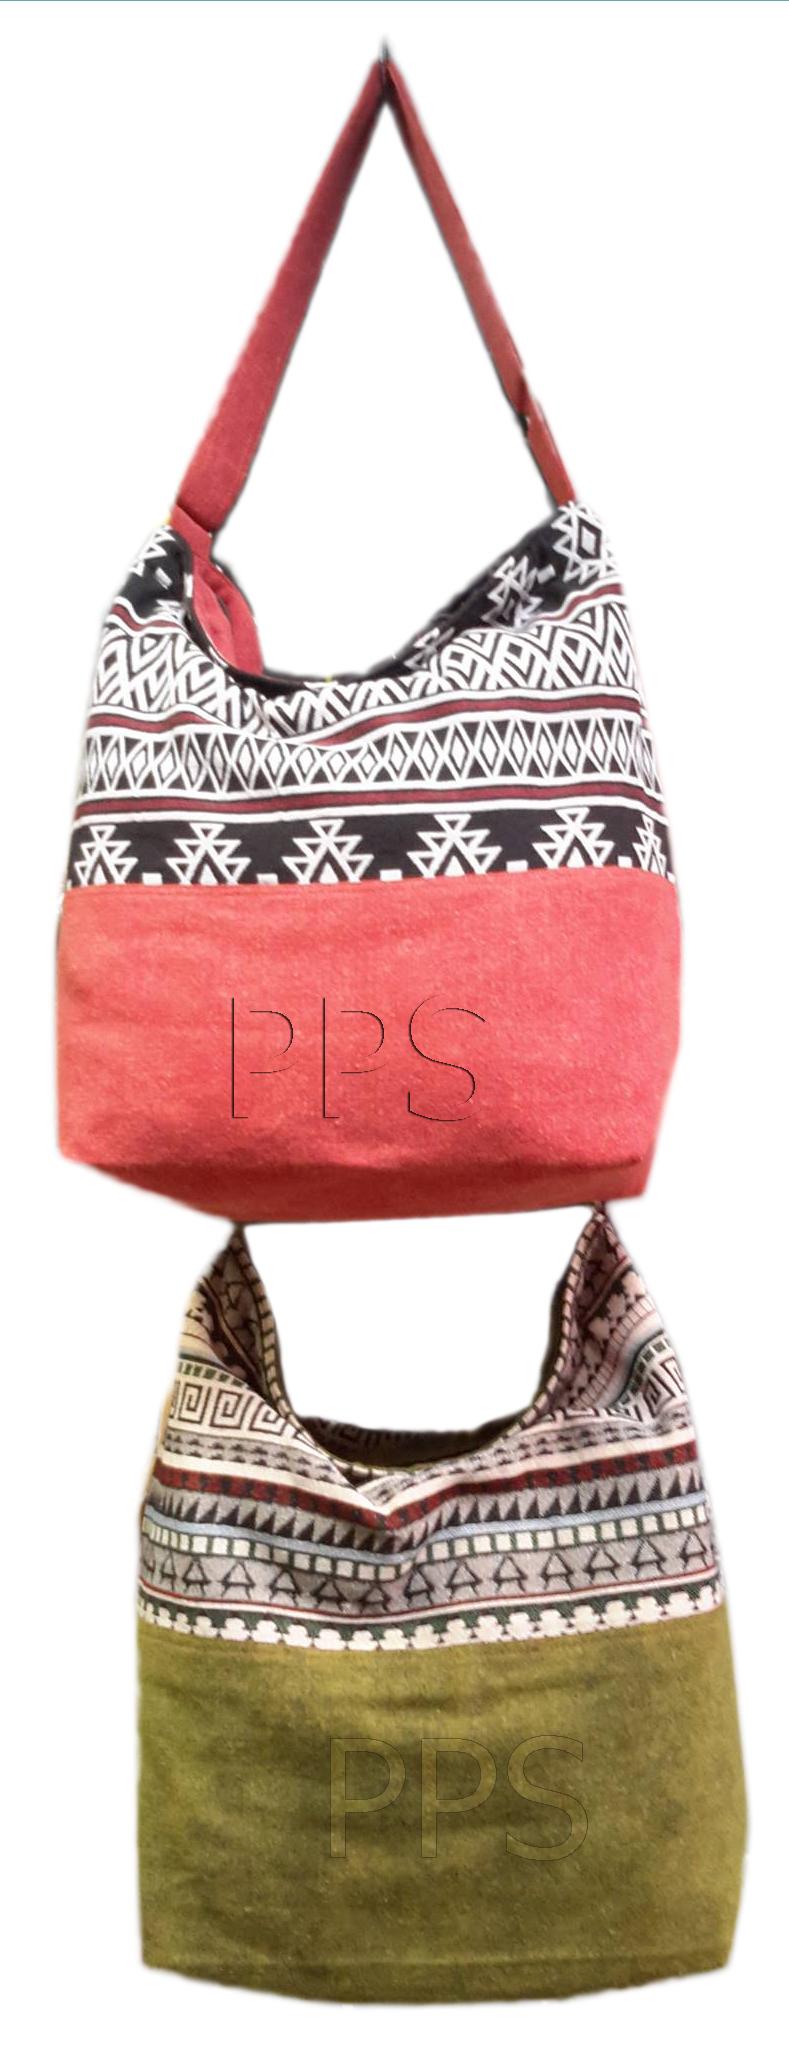 PPS-CottonBag6